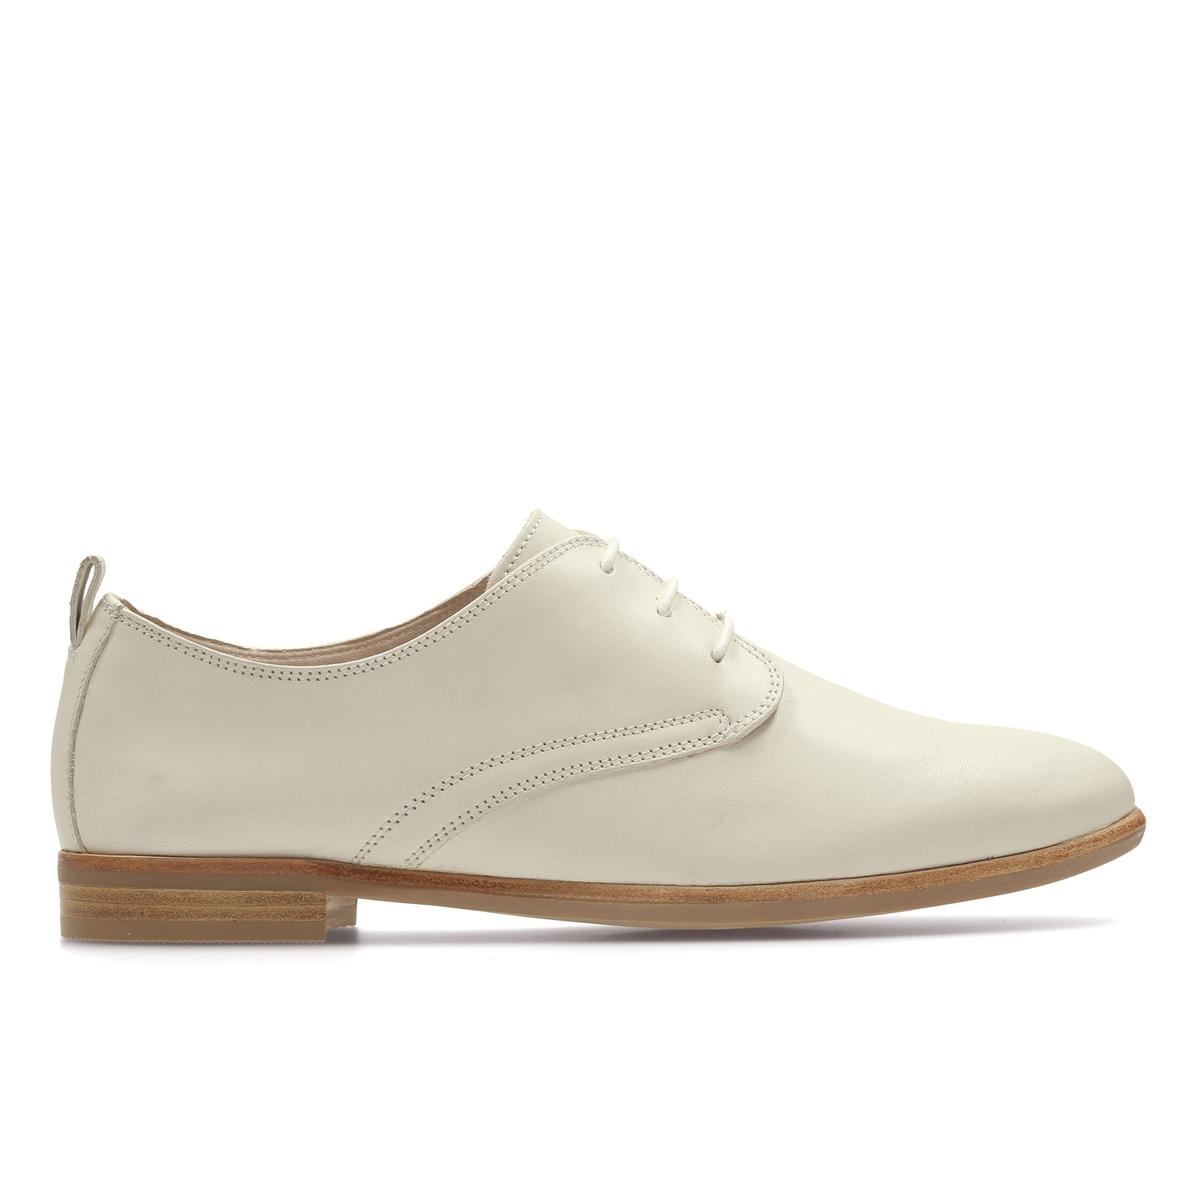 Ботинки-дерби кожаные Alania PoseyВерх : Кожа.   Подкладка : Кожа.   Стелька : Кожа.   Подошва : Каучук   Высота каблука : 2 см.   Форма каблука : плоский каблук   Мысок : закругленный   Застежка : Шнуровка<br><br>Цвет: белый<br>Размер: 39